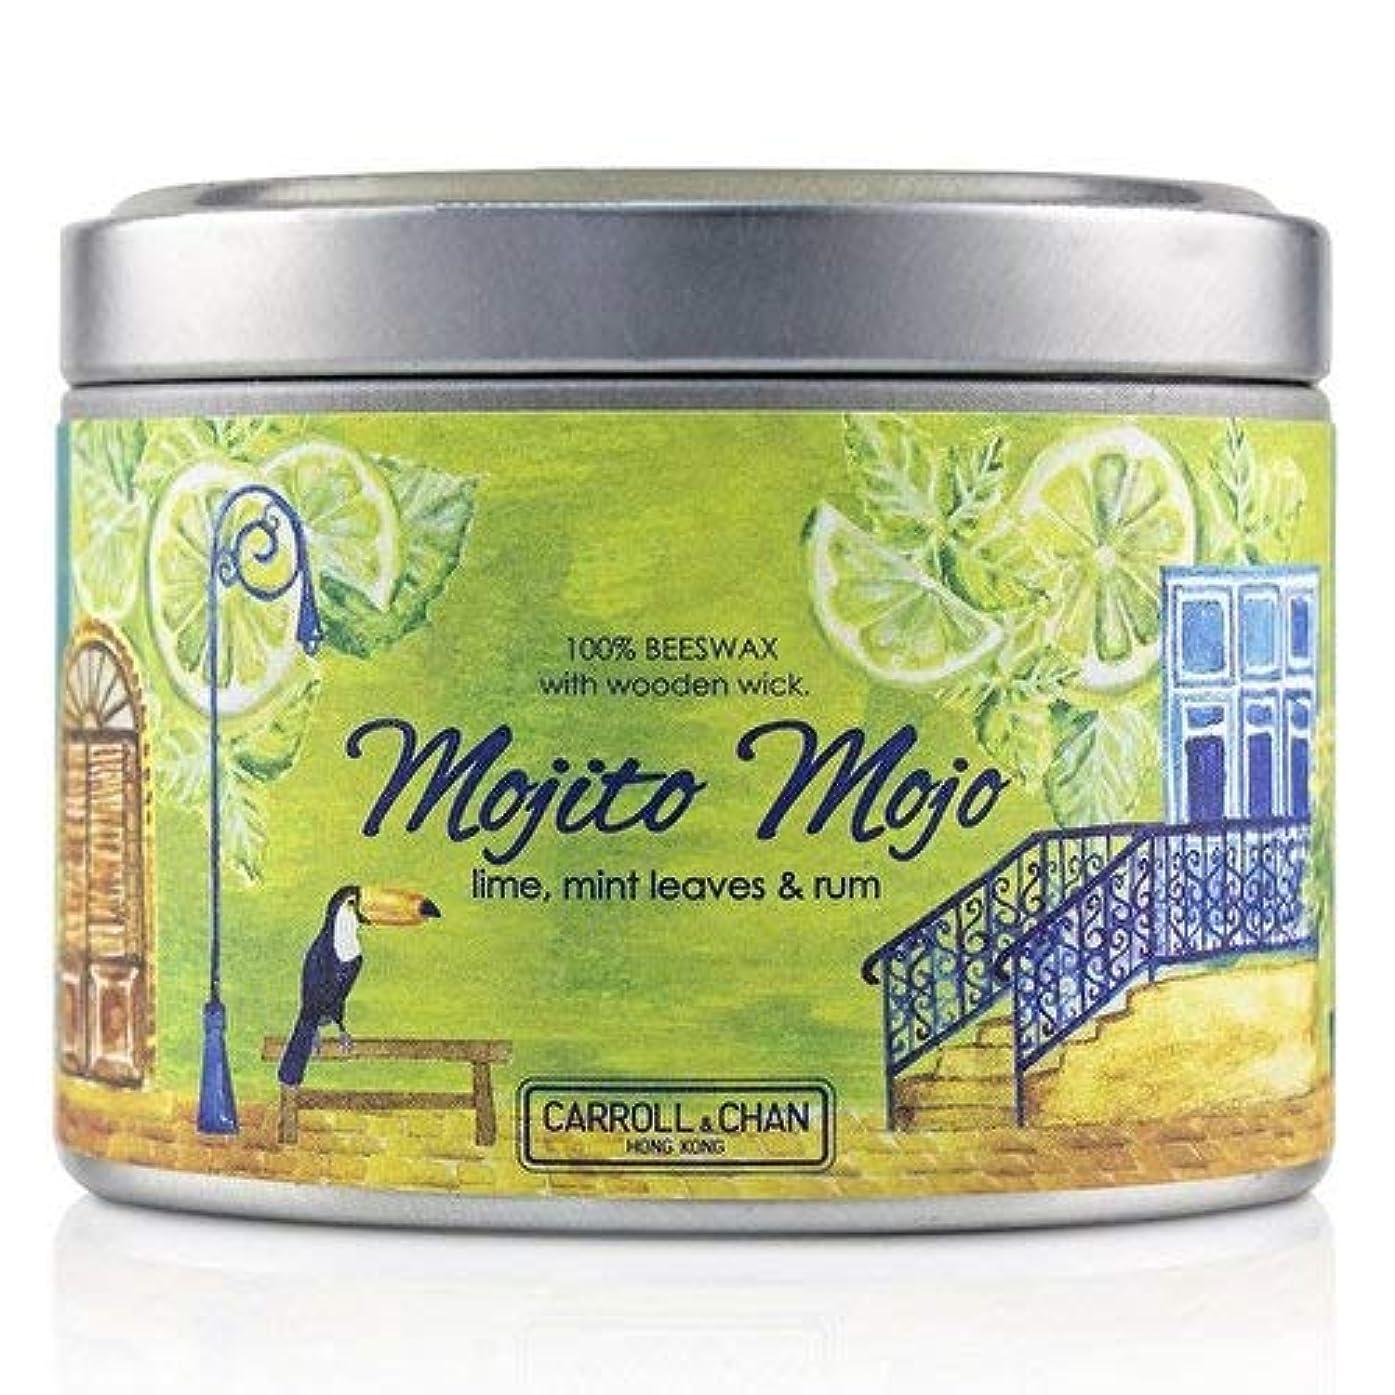 ブラザーレスリング散髪キャンドル?カンパニー Tin Can 100% Beeswax Candle with Wooden Wick - Mojito Mojo (8x5) cm並行輸入品